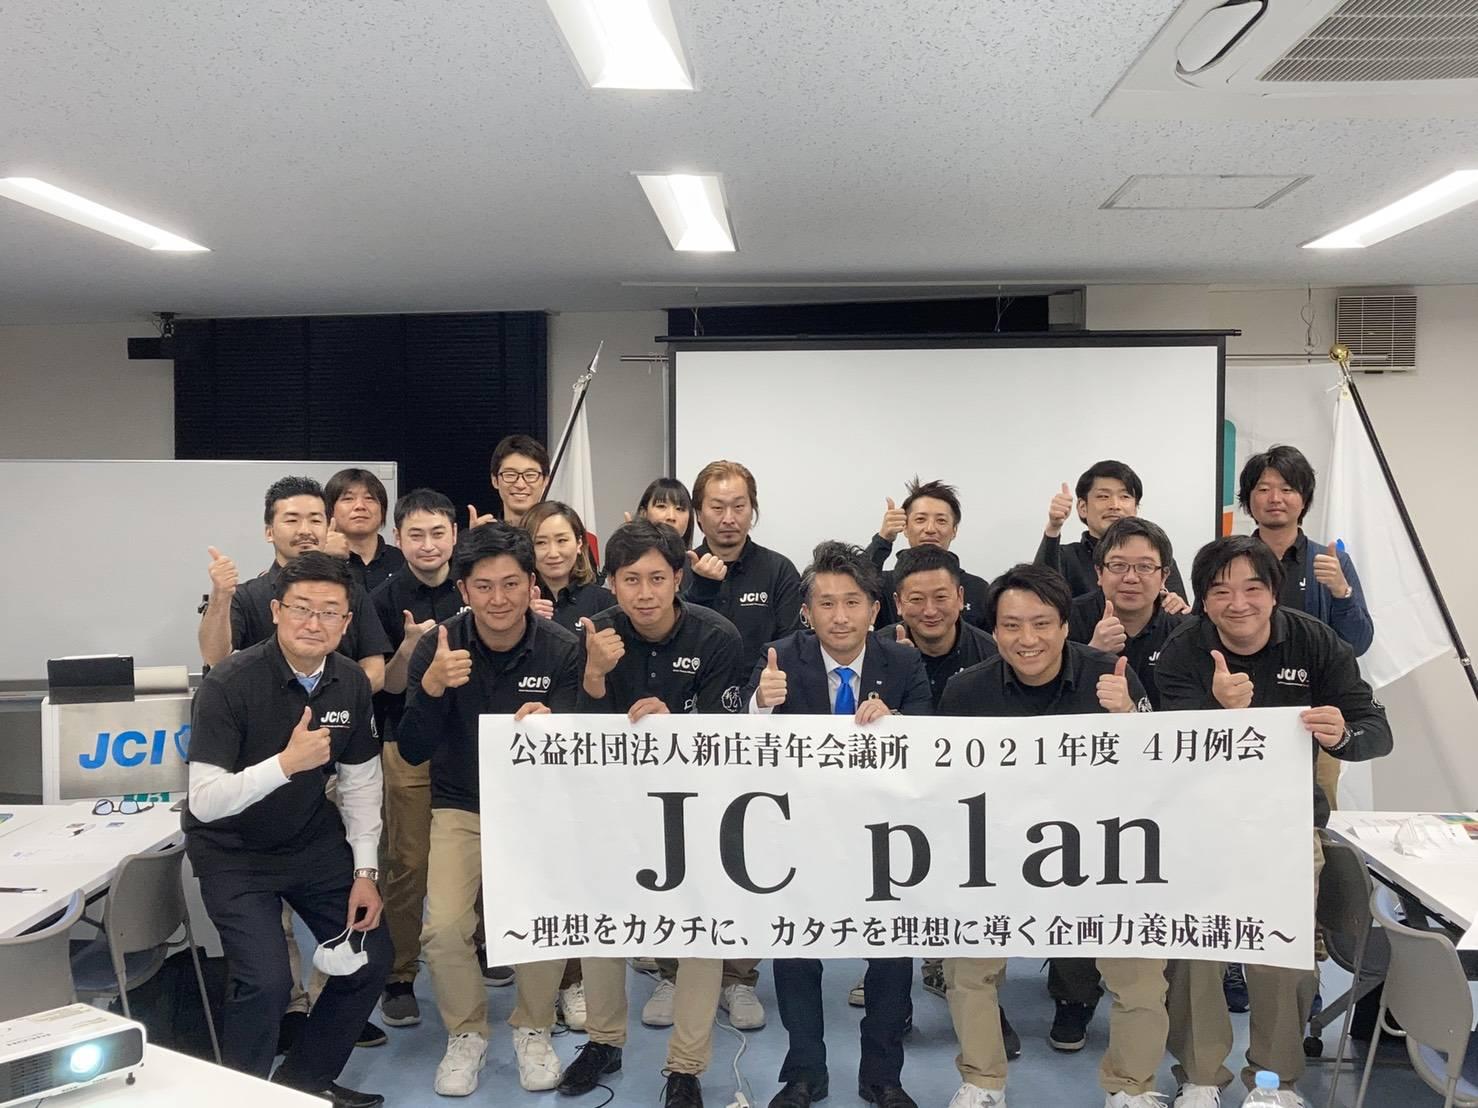 4月例会JC plan開催のご報告